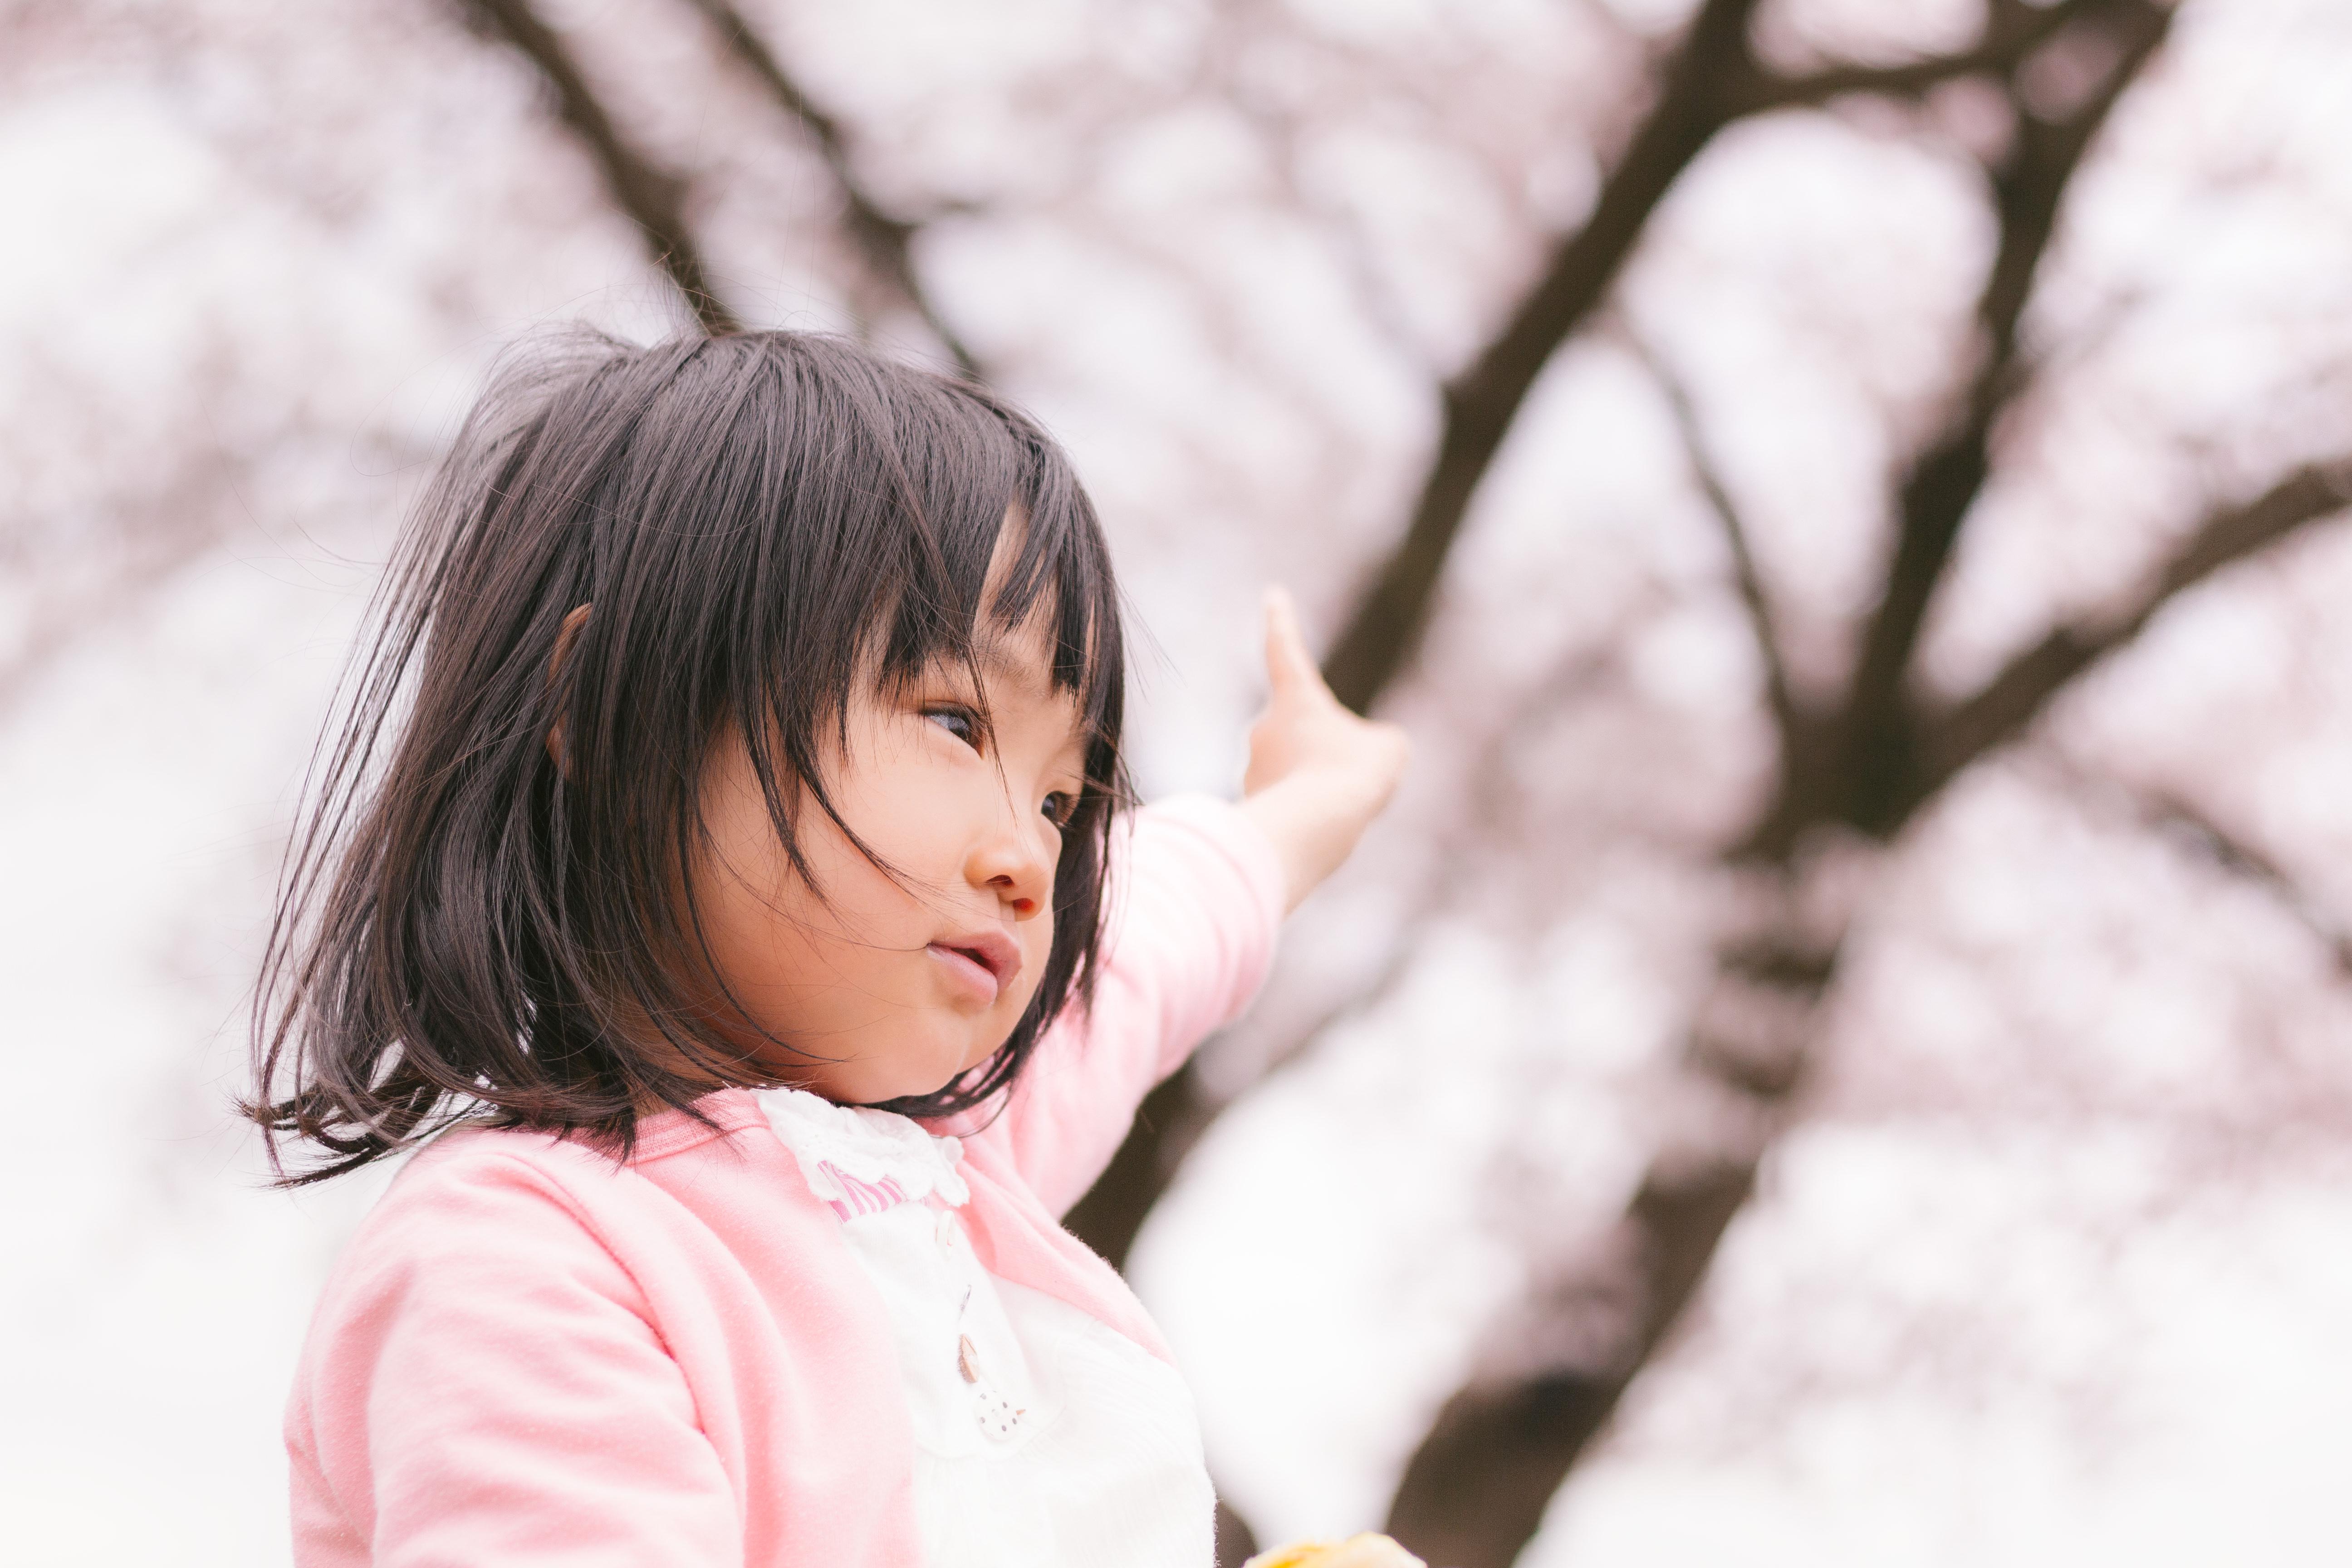 子供のワレメ あれは梅なのか桜なのか聞いてくる子供 ...